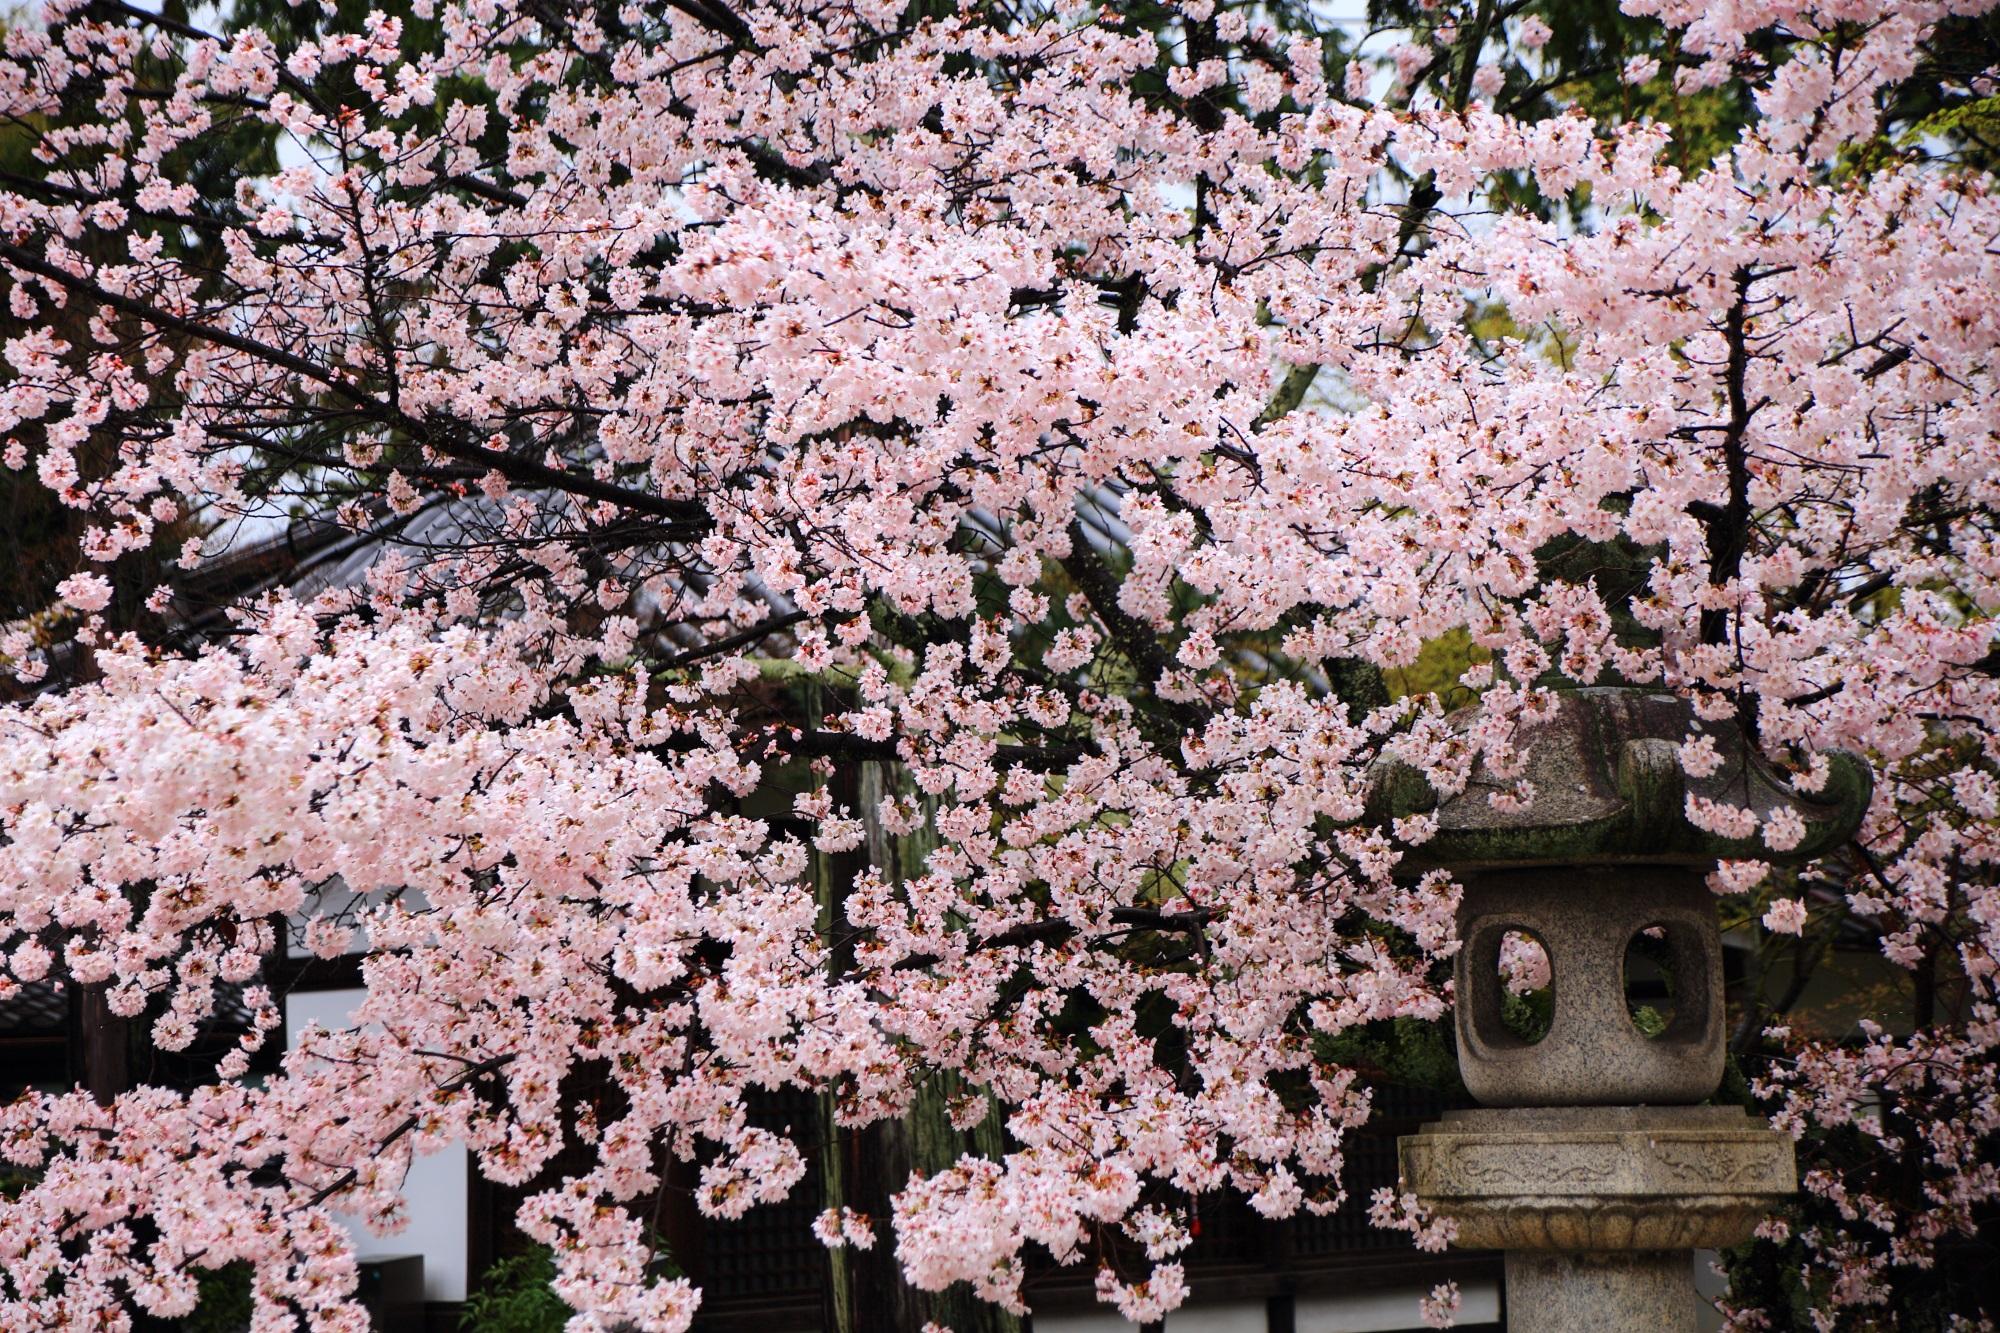 雨に輝く優雅な桜